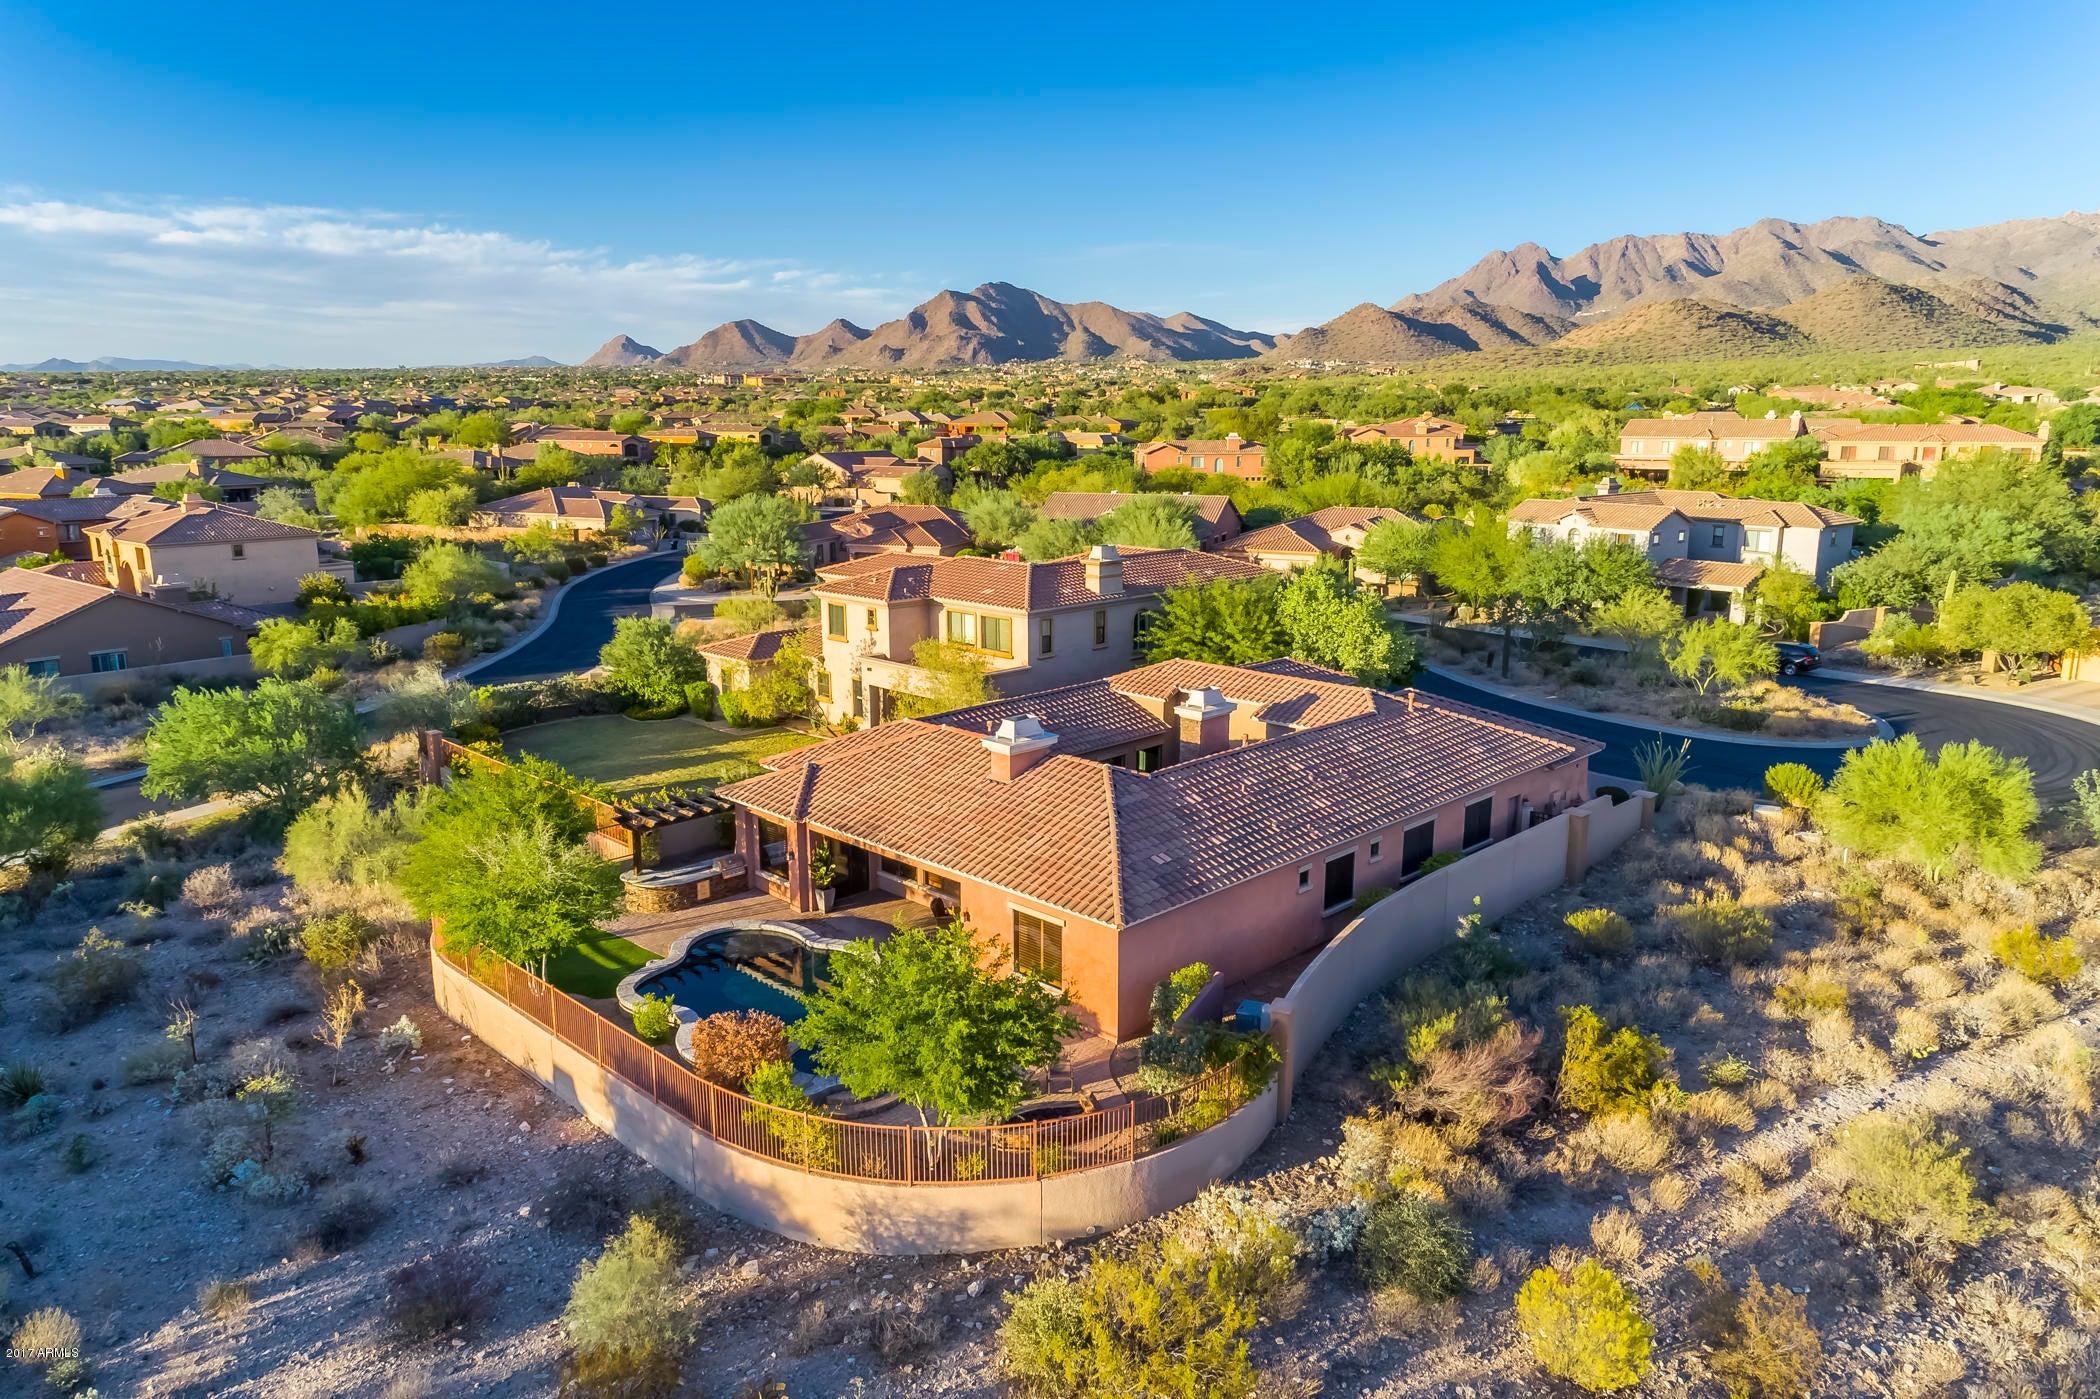 MLS 5673395 17302 N 99TH Place, Scottsdale, AZ 85255 Scottsdale AZ Windgate Ranch